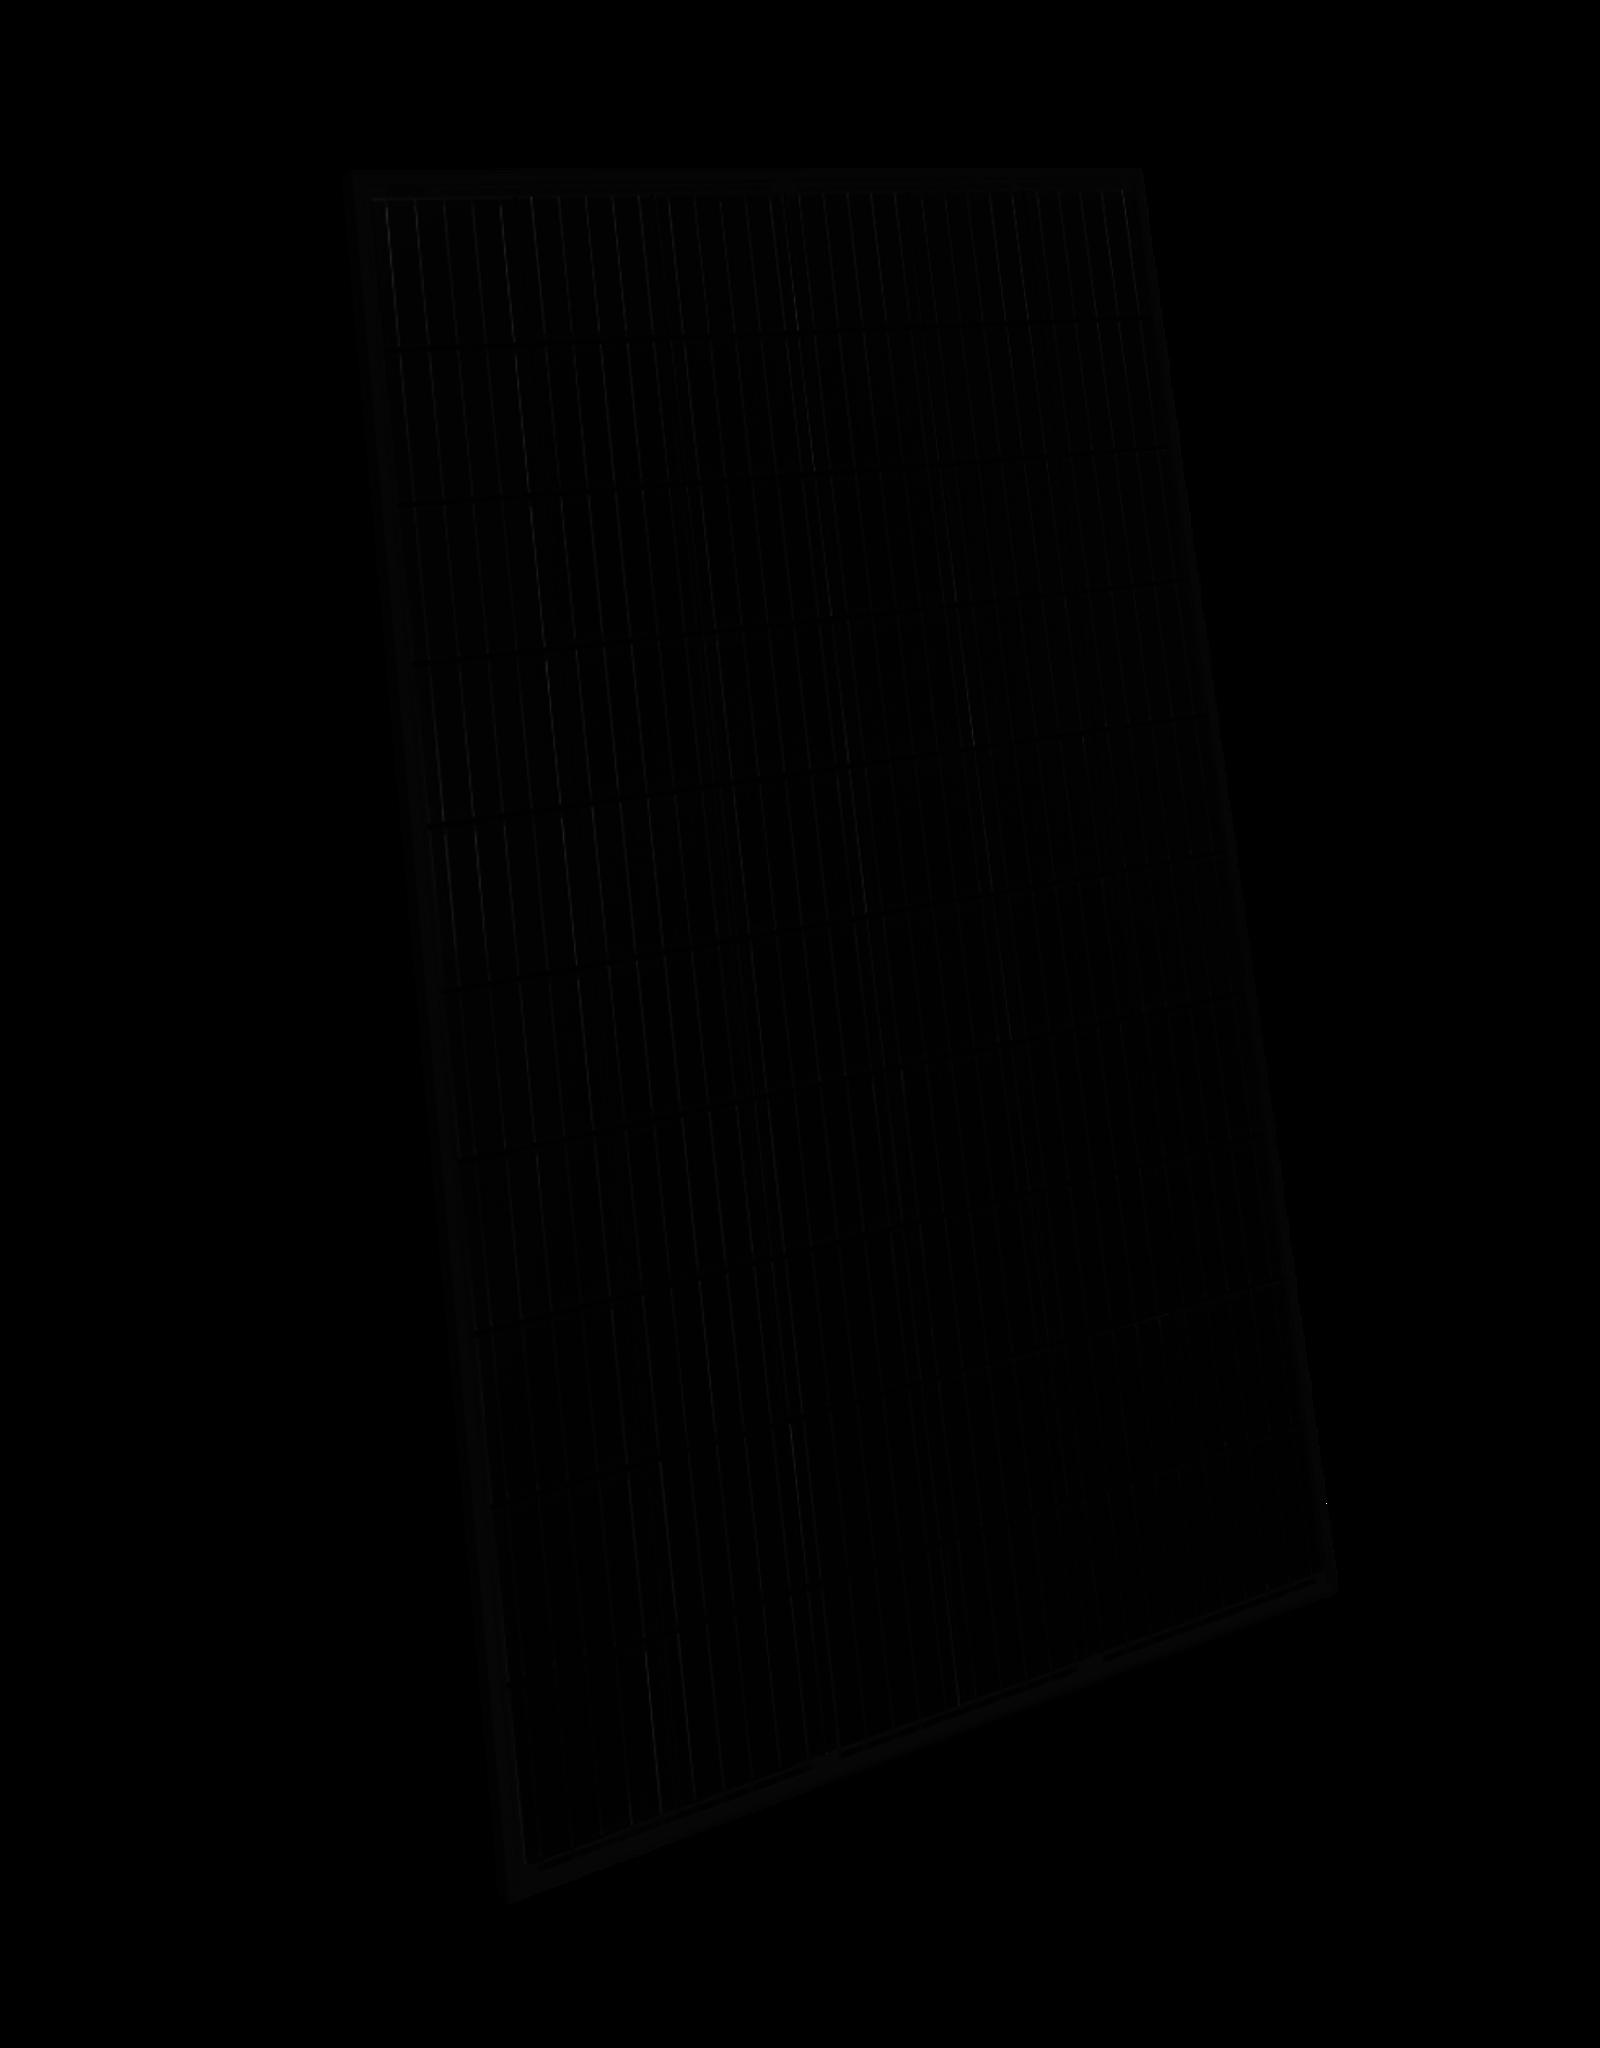 Pakket voor zelfinstallatie Pakket met 10 Jinko Solar monokristallijne Full Black panelen, SolarEdge omvormer en Esdec Clickfit EVO montagematerialen